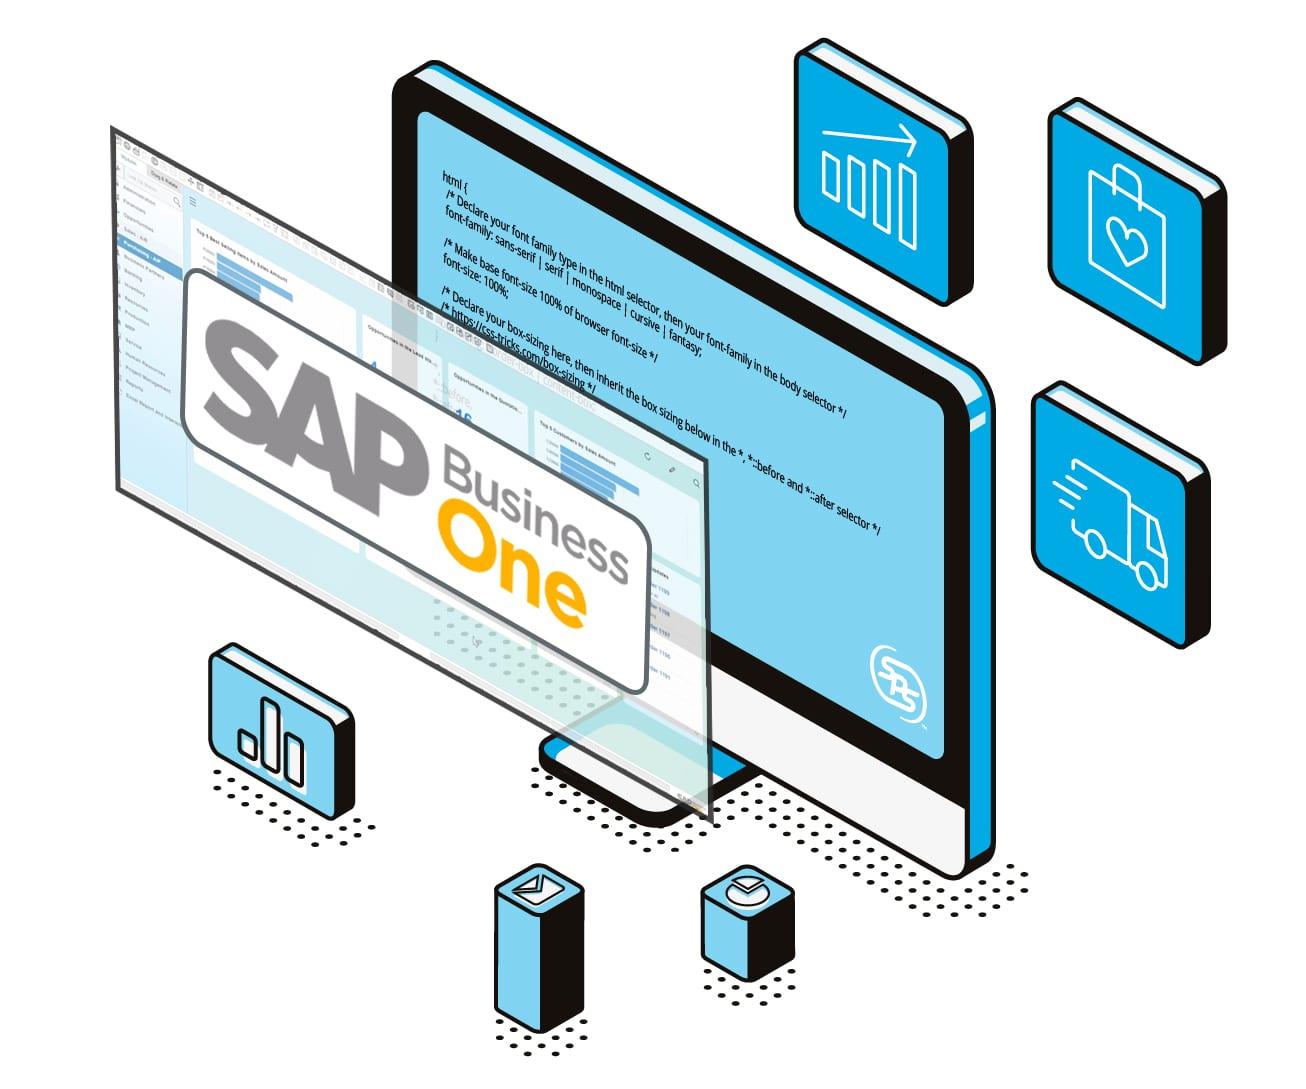 SAP BusinessOne EDI Integration from SPS Commerce